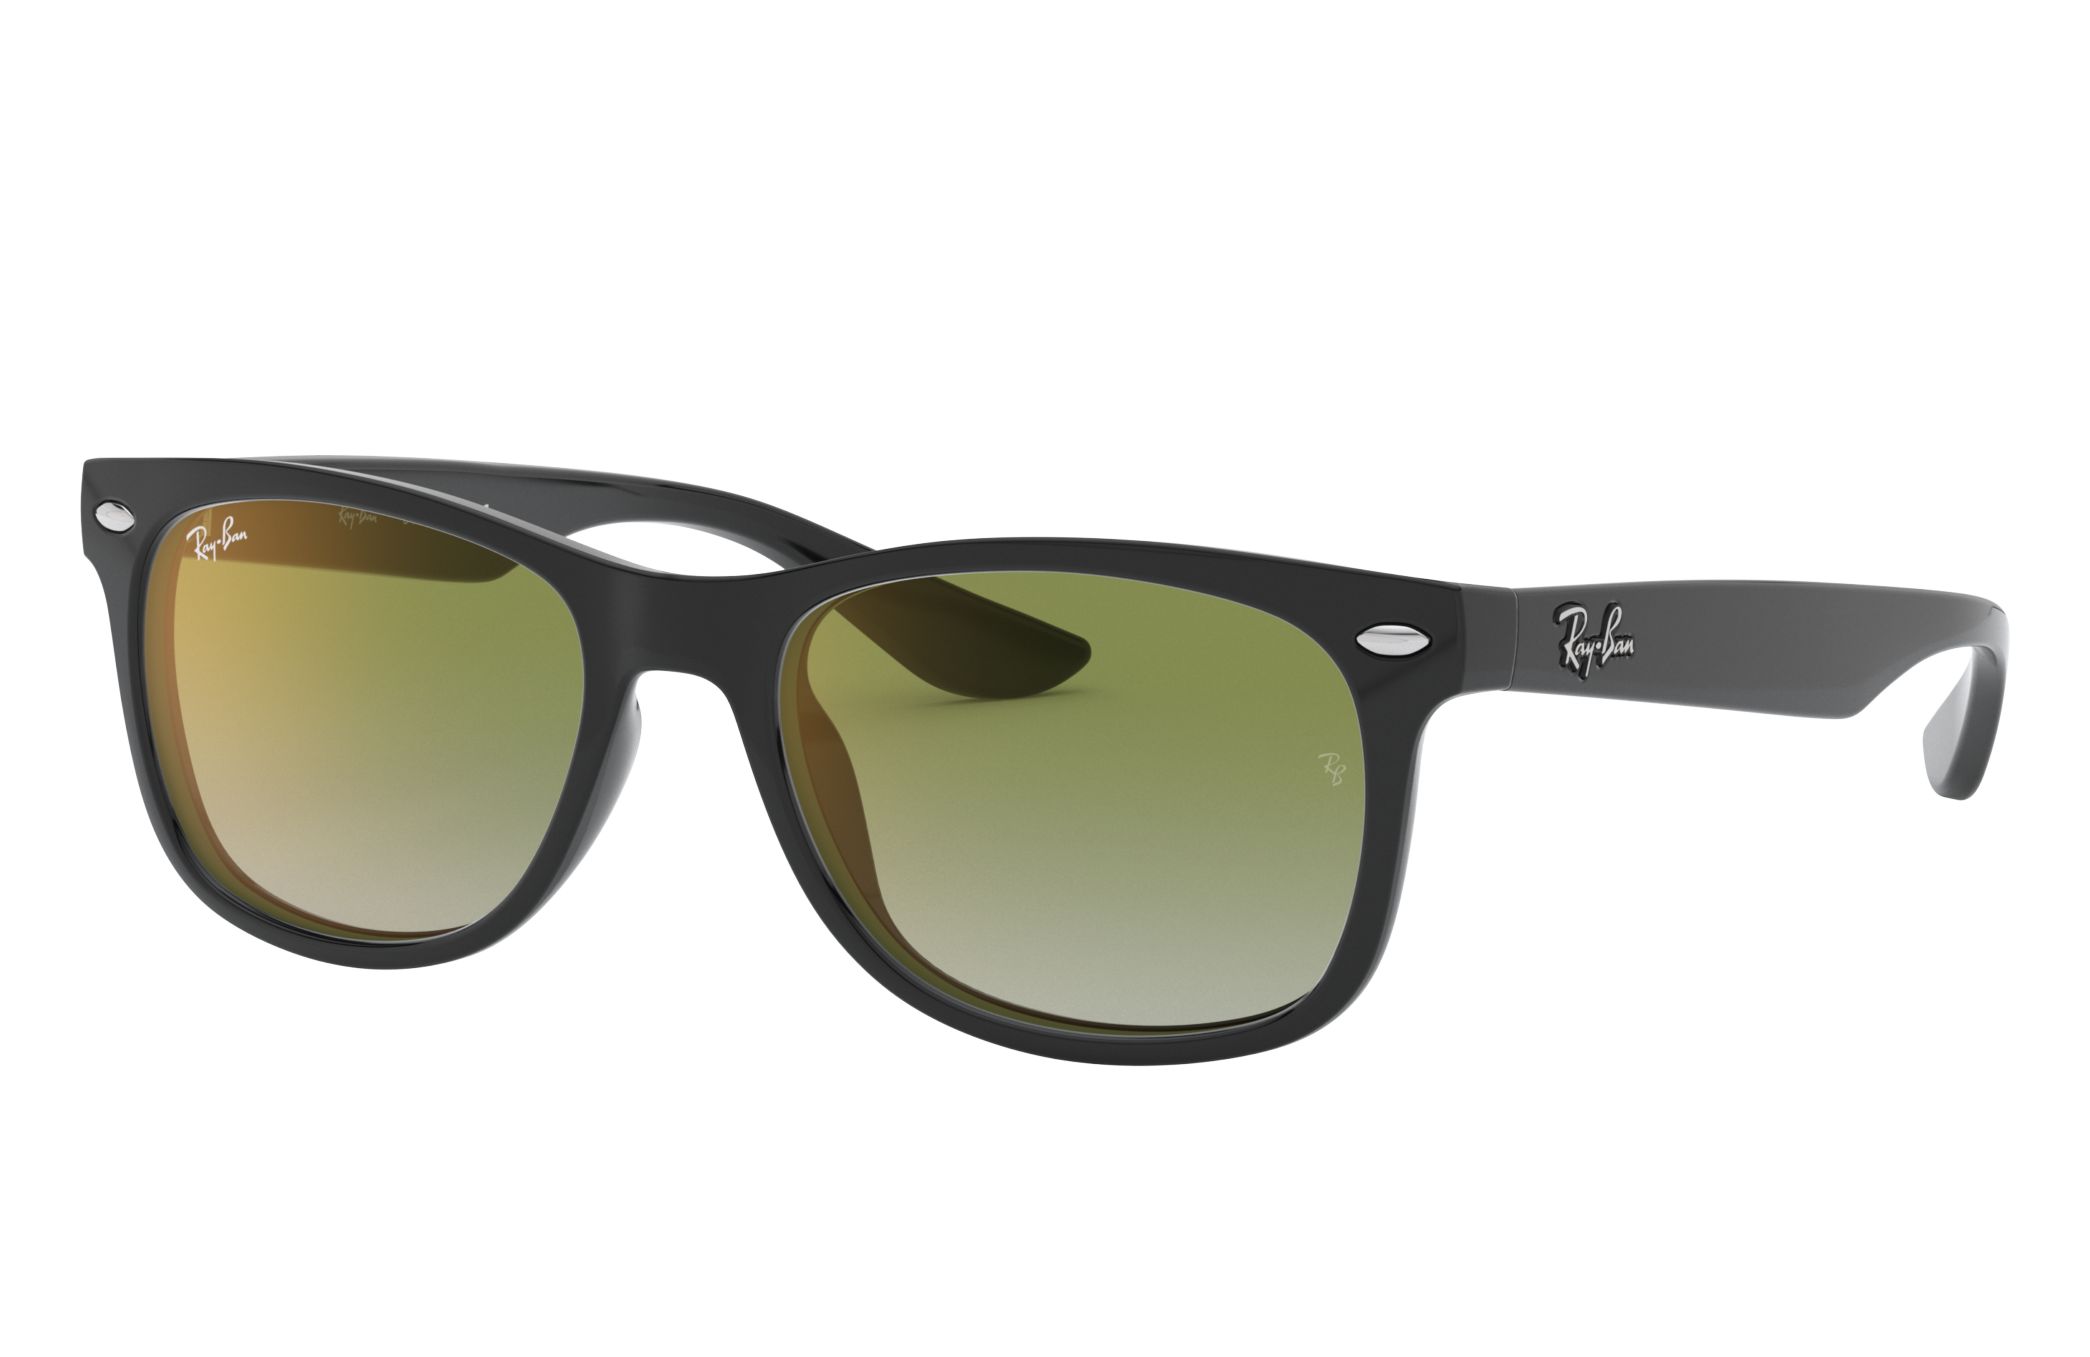 Ray-Ban New Wayfarer Junior Black, Green Lenses - RJ9052S